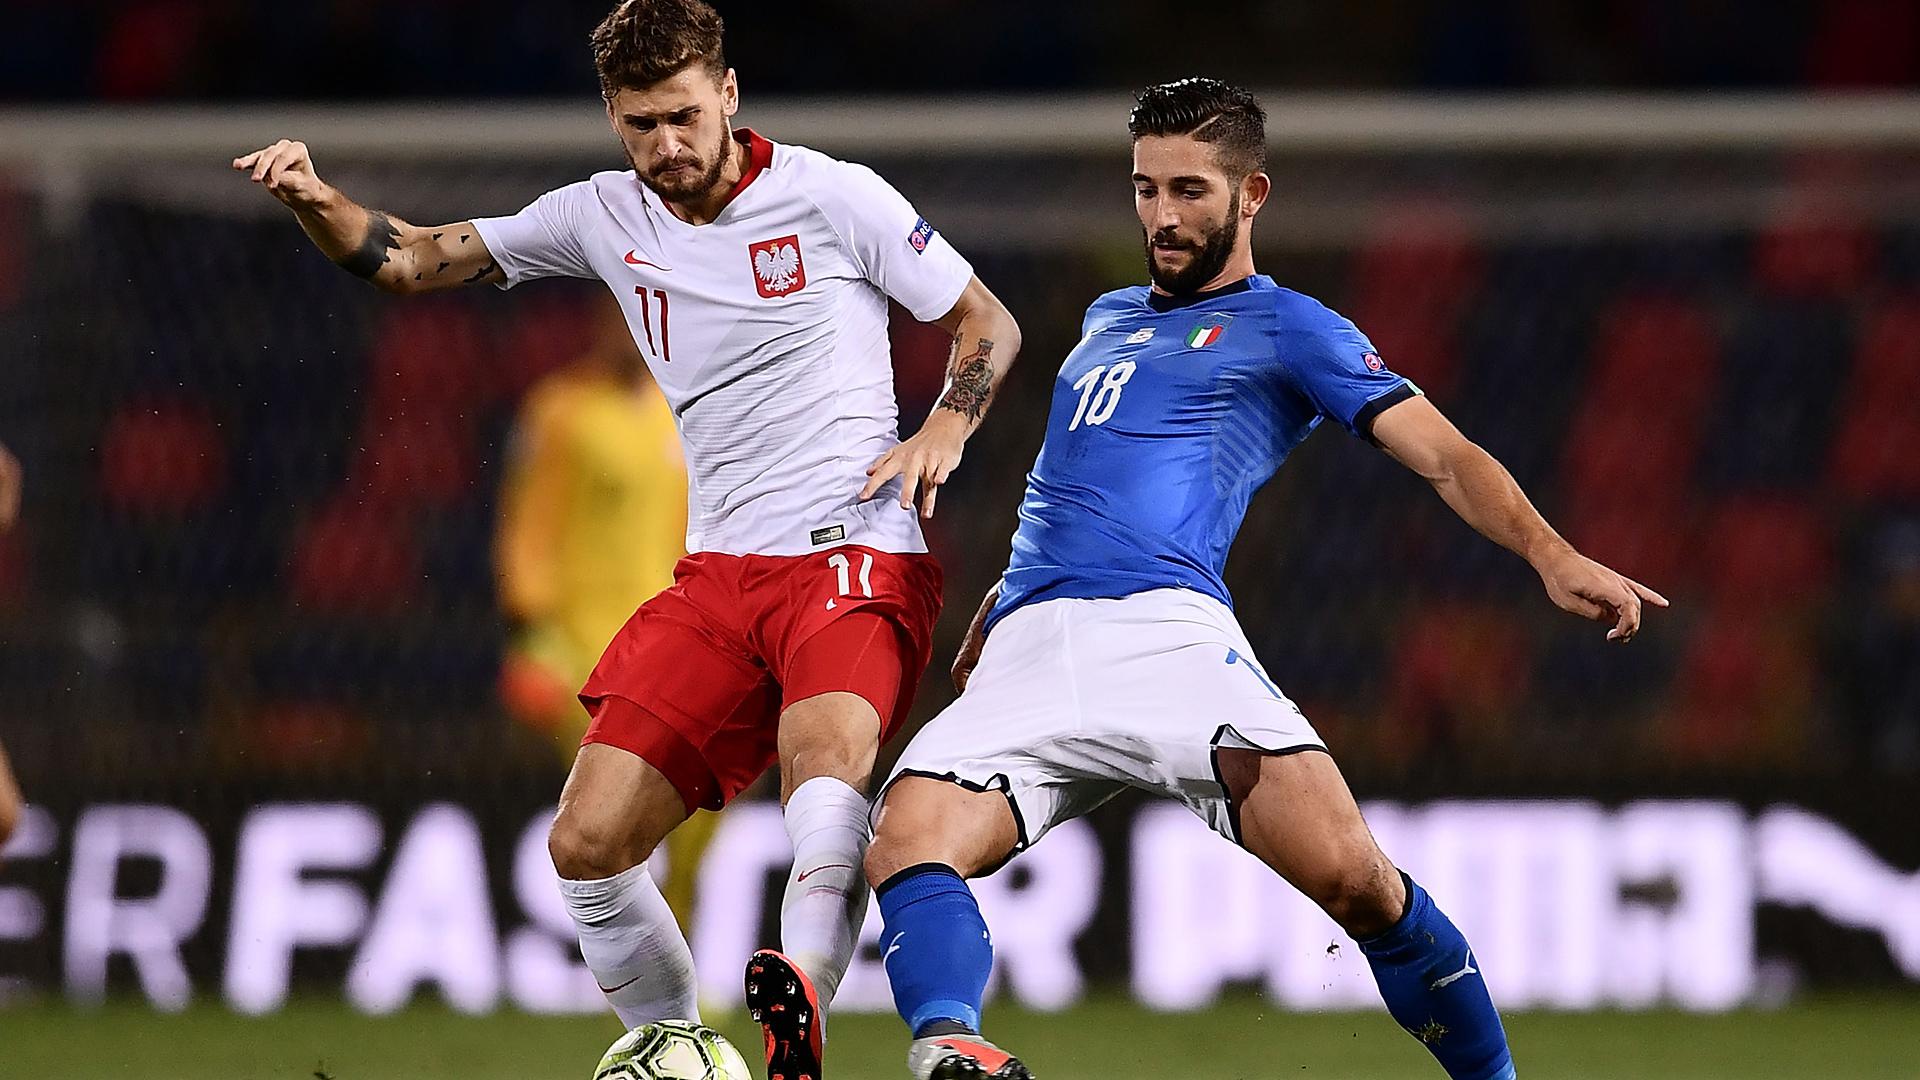 Italy Poland 07/09